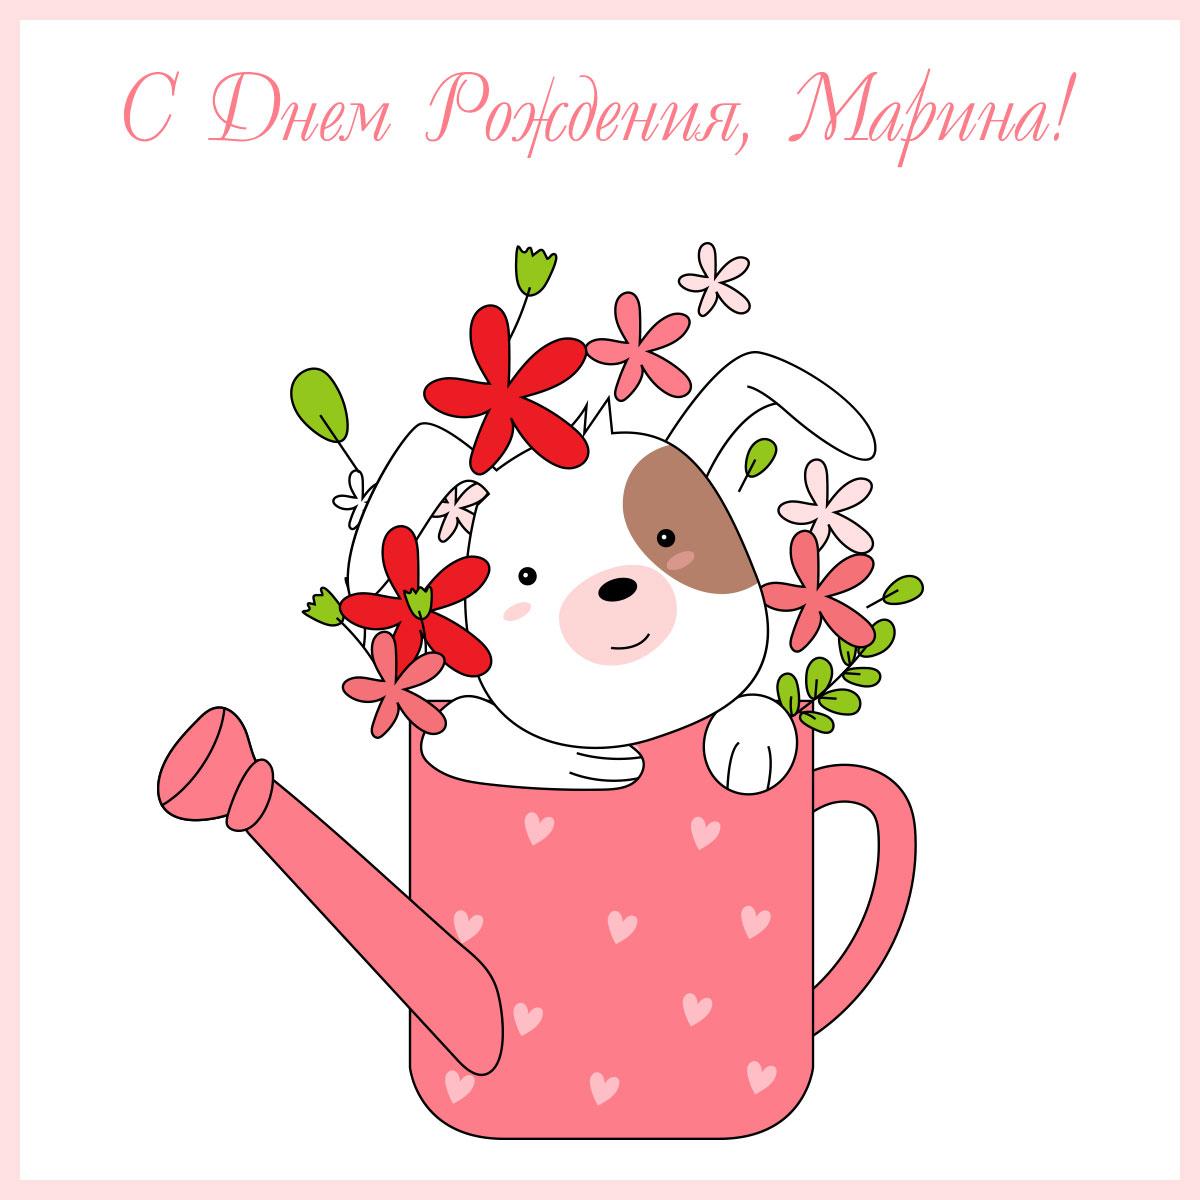 Картинка с поздравительной надписью - открытка день рождения марина с рисунком щенка с цветами в розовой садовой лейке.